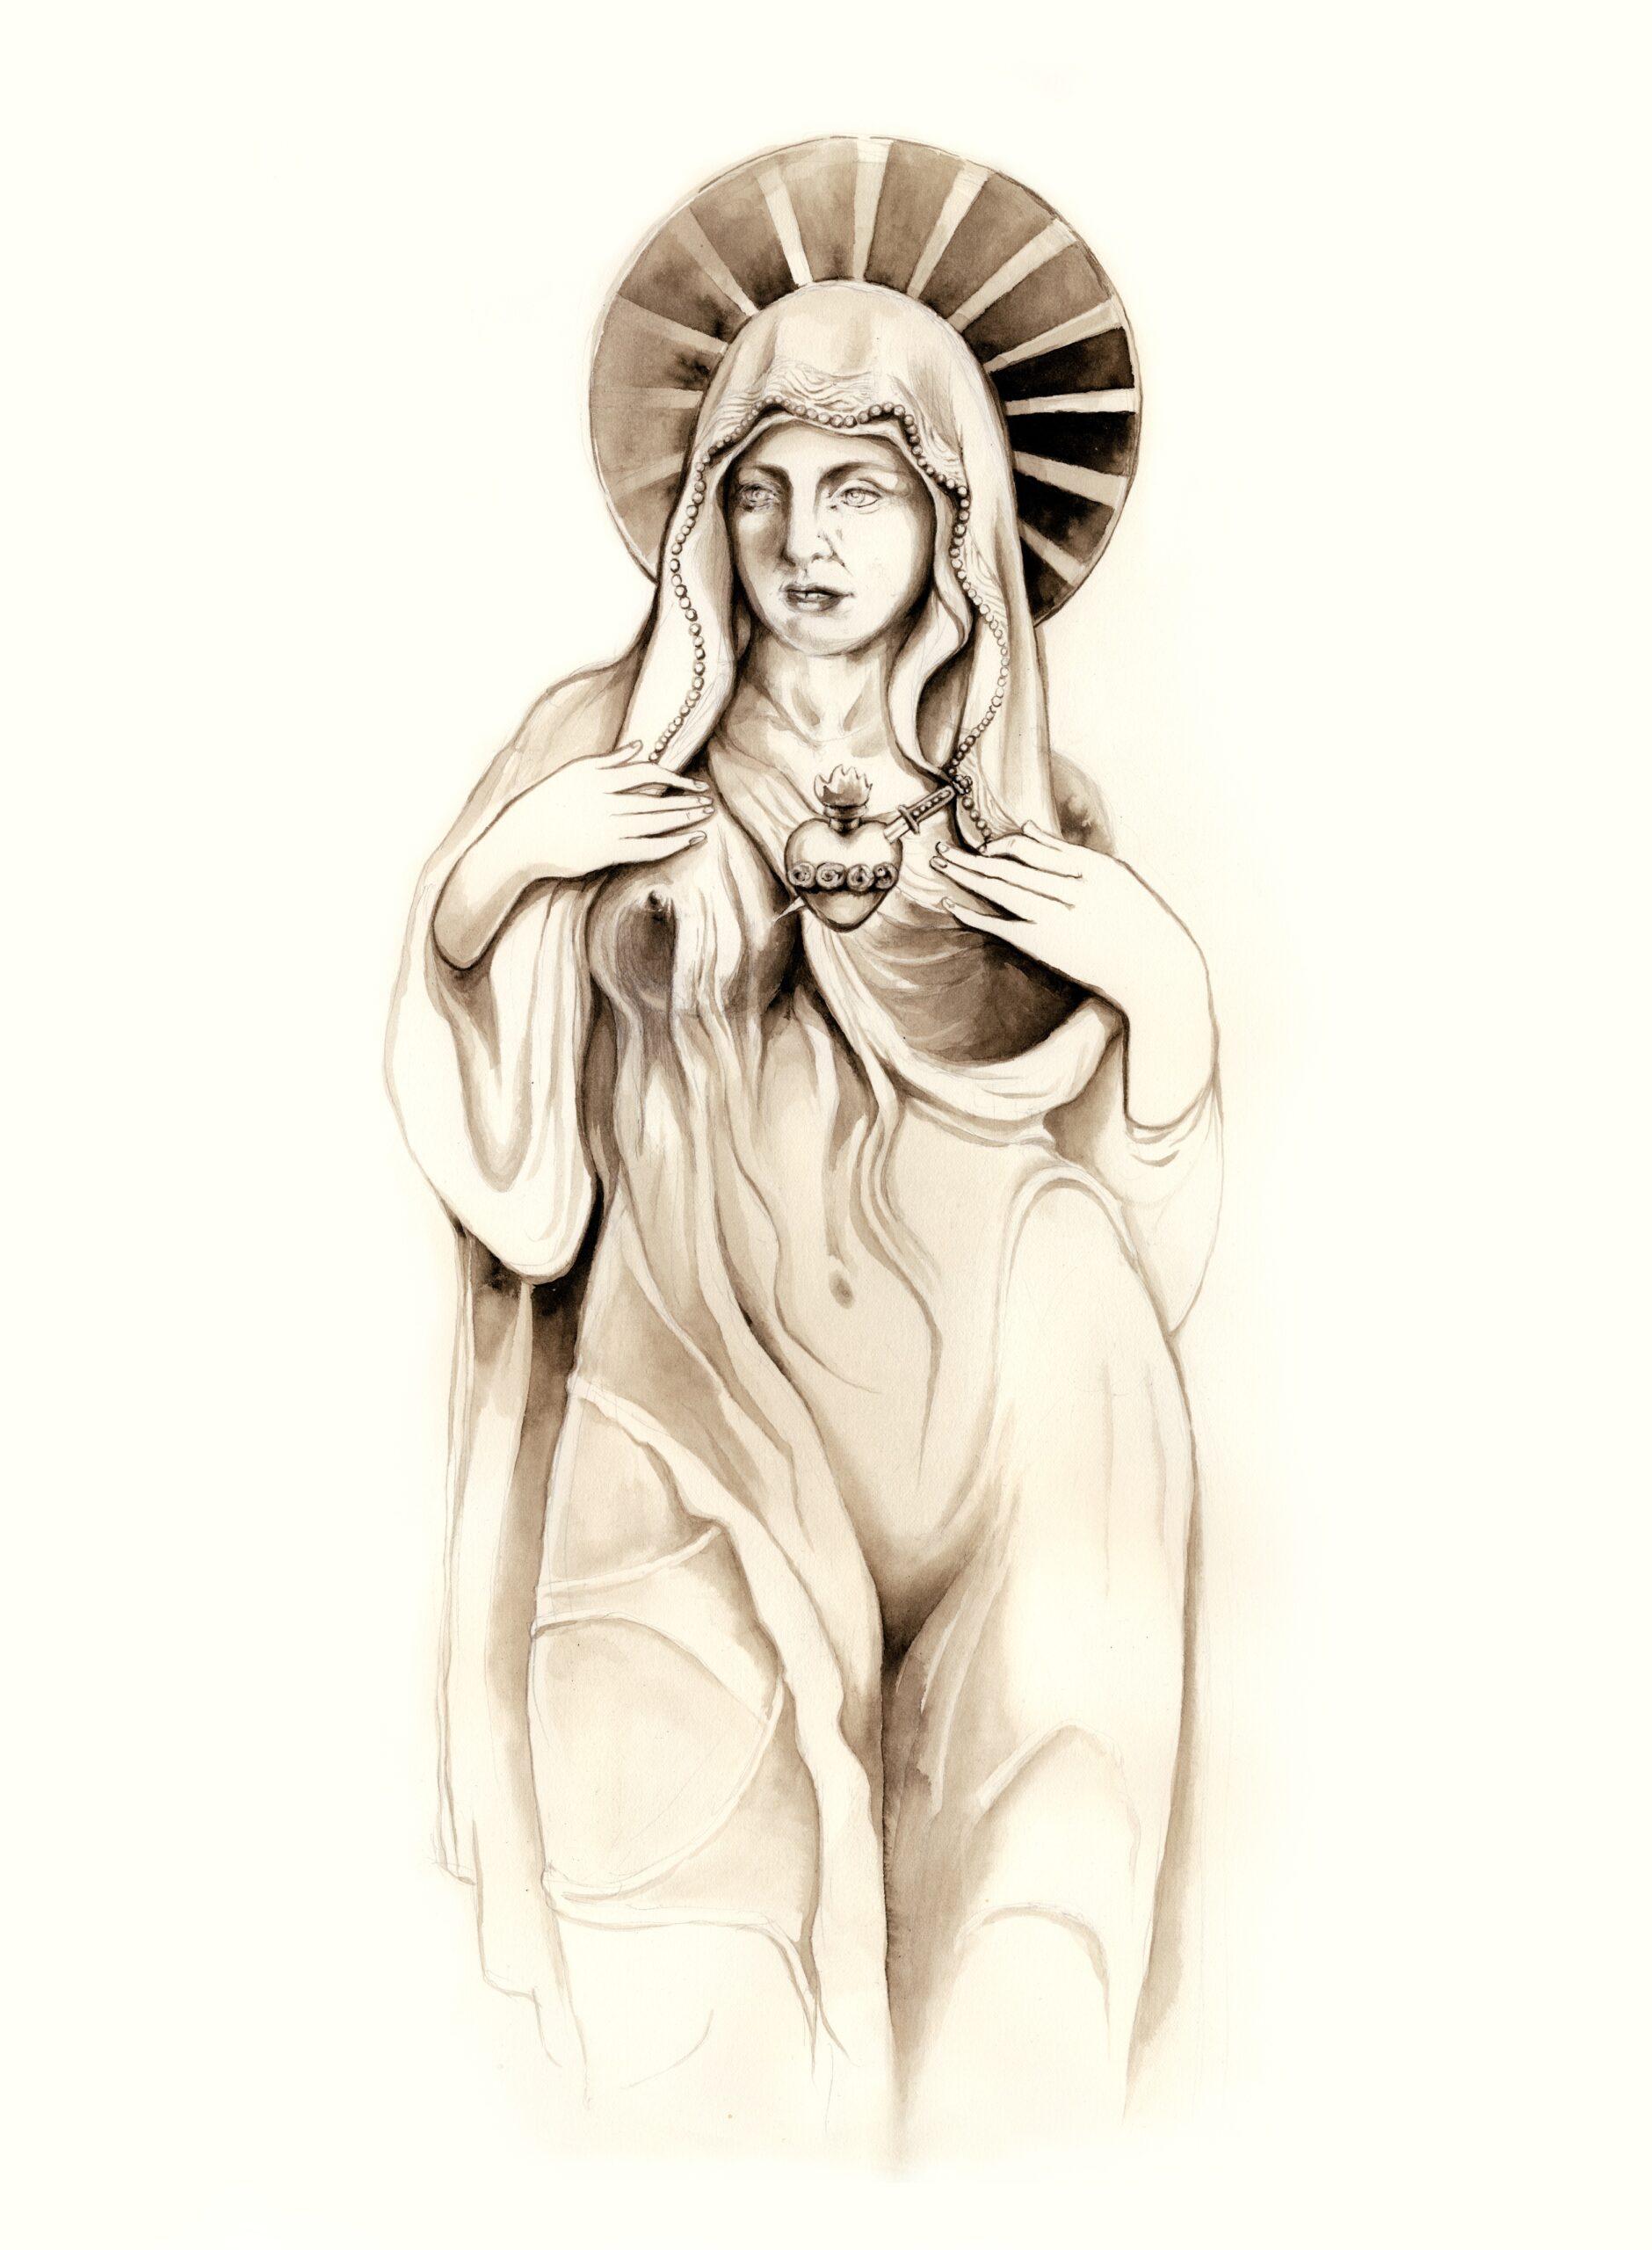 KAKSI ROOLIAItalia on täynnä puistoja ja nämä puistot ovat täynnä vanhoja patsaita. Monet puistoista ovat All Male Panel -kokemuksia, joissa patsaiden parrakkaat setämiehet pohtivat viisaita ja/tai ovat valmiita sotaan hevosen selässä. Välillä puistoissa voi myös kohdata naisia esittäviä patsaita. Näissä patsaissa naisille on tarjottu vain ja ainoastaan kaksi roolia: kaino Neitsyt Maria sekä rintansa paljastava Afrodite/Venus-hahmo. Nämä kaksi roolia eivät vahingossakaan sekoitu keskenään. Koska me ihmiset olemme todellisuudessa monimutkaisia otuksia, päätimme sotkea nämä roolit tämän artikkelin kuvituksessa. Samoin Pihtarihuorat sotkevat näennäisen vastakkaiset roolit yhteen. Tarkoitus ei ole rienata. Tarkoitus on muistuttaa, että kukaan meistä ei ole yksinkertainen tai -ulotteinen. KUVA: Ninni Kairisalo